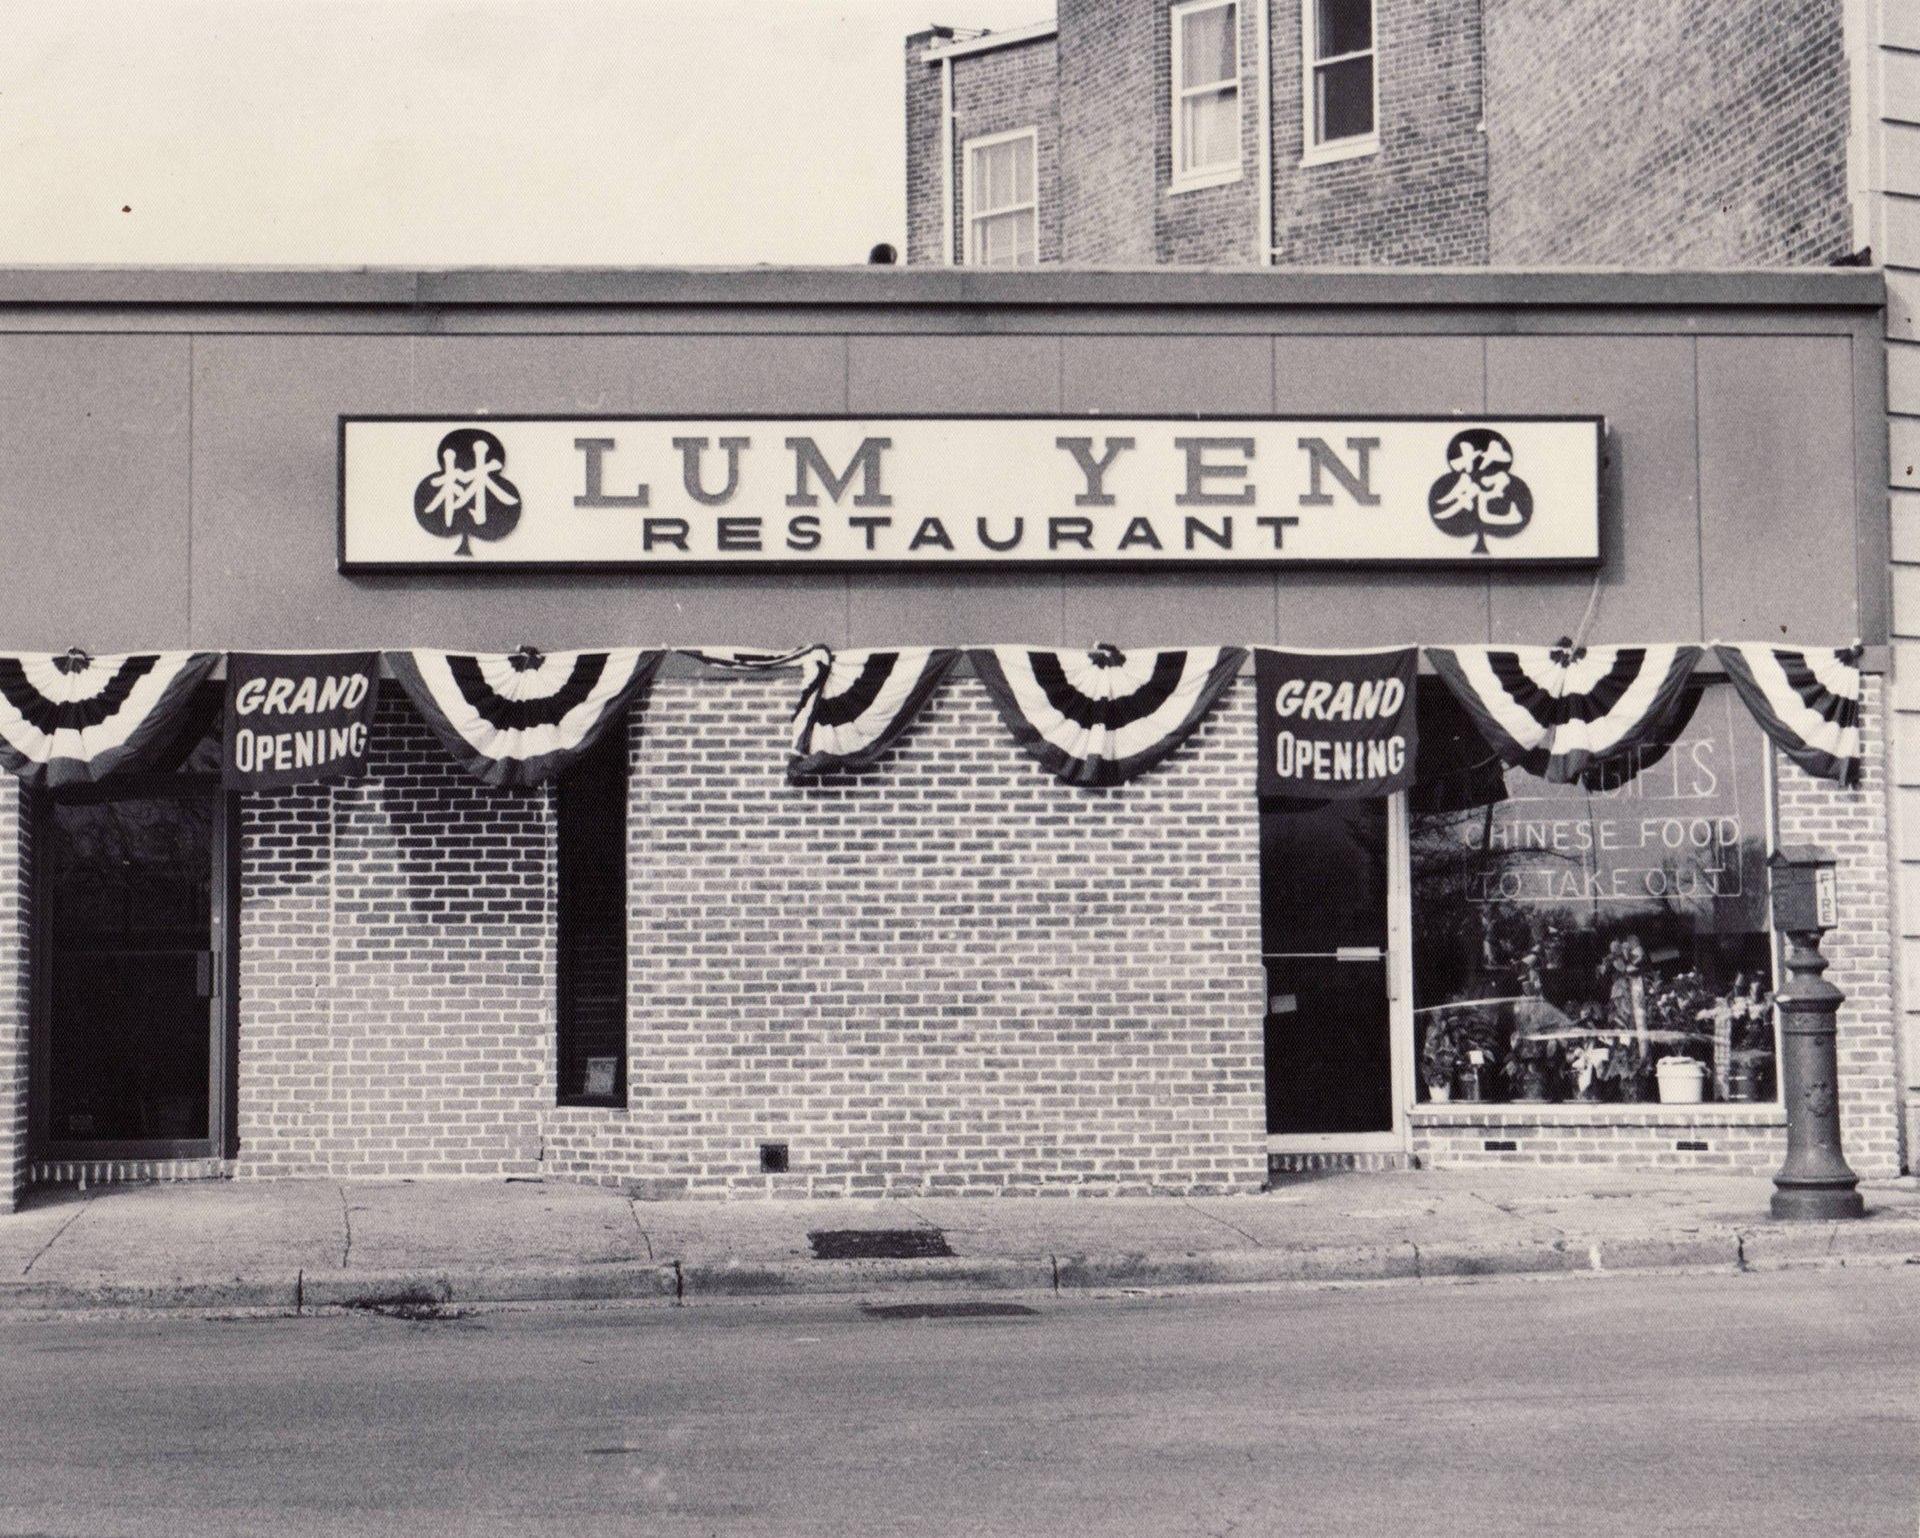 Lum Yen Grand Opening - 1972